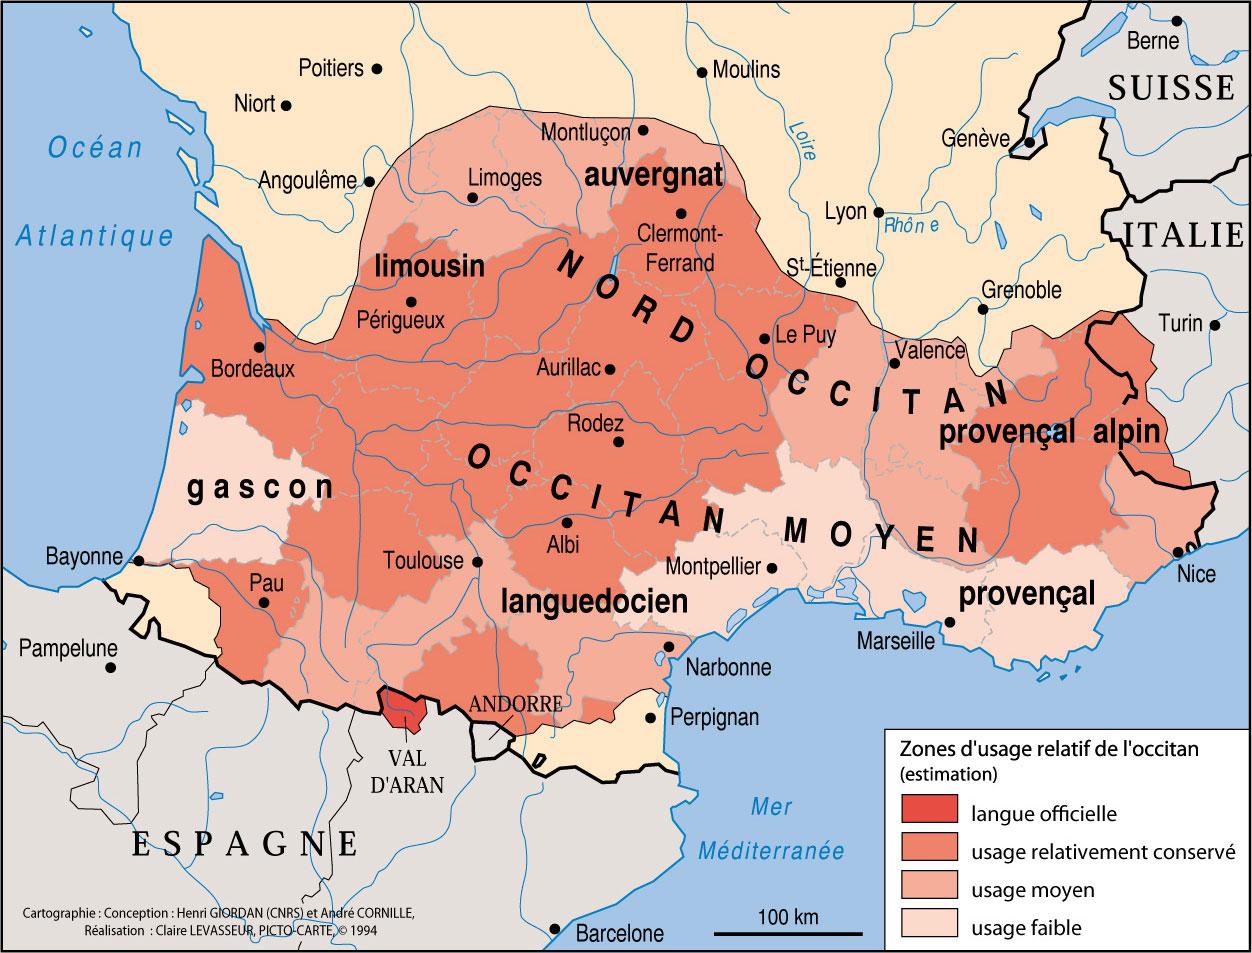 http://portal-lem.com/images/fr/occitan/carte_de_l_occitan.jpg